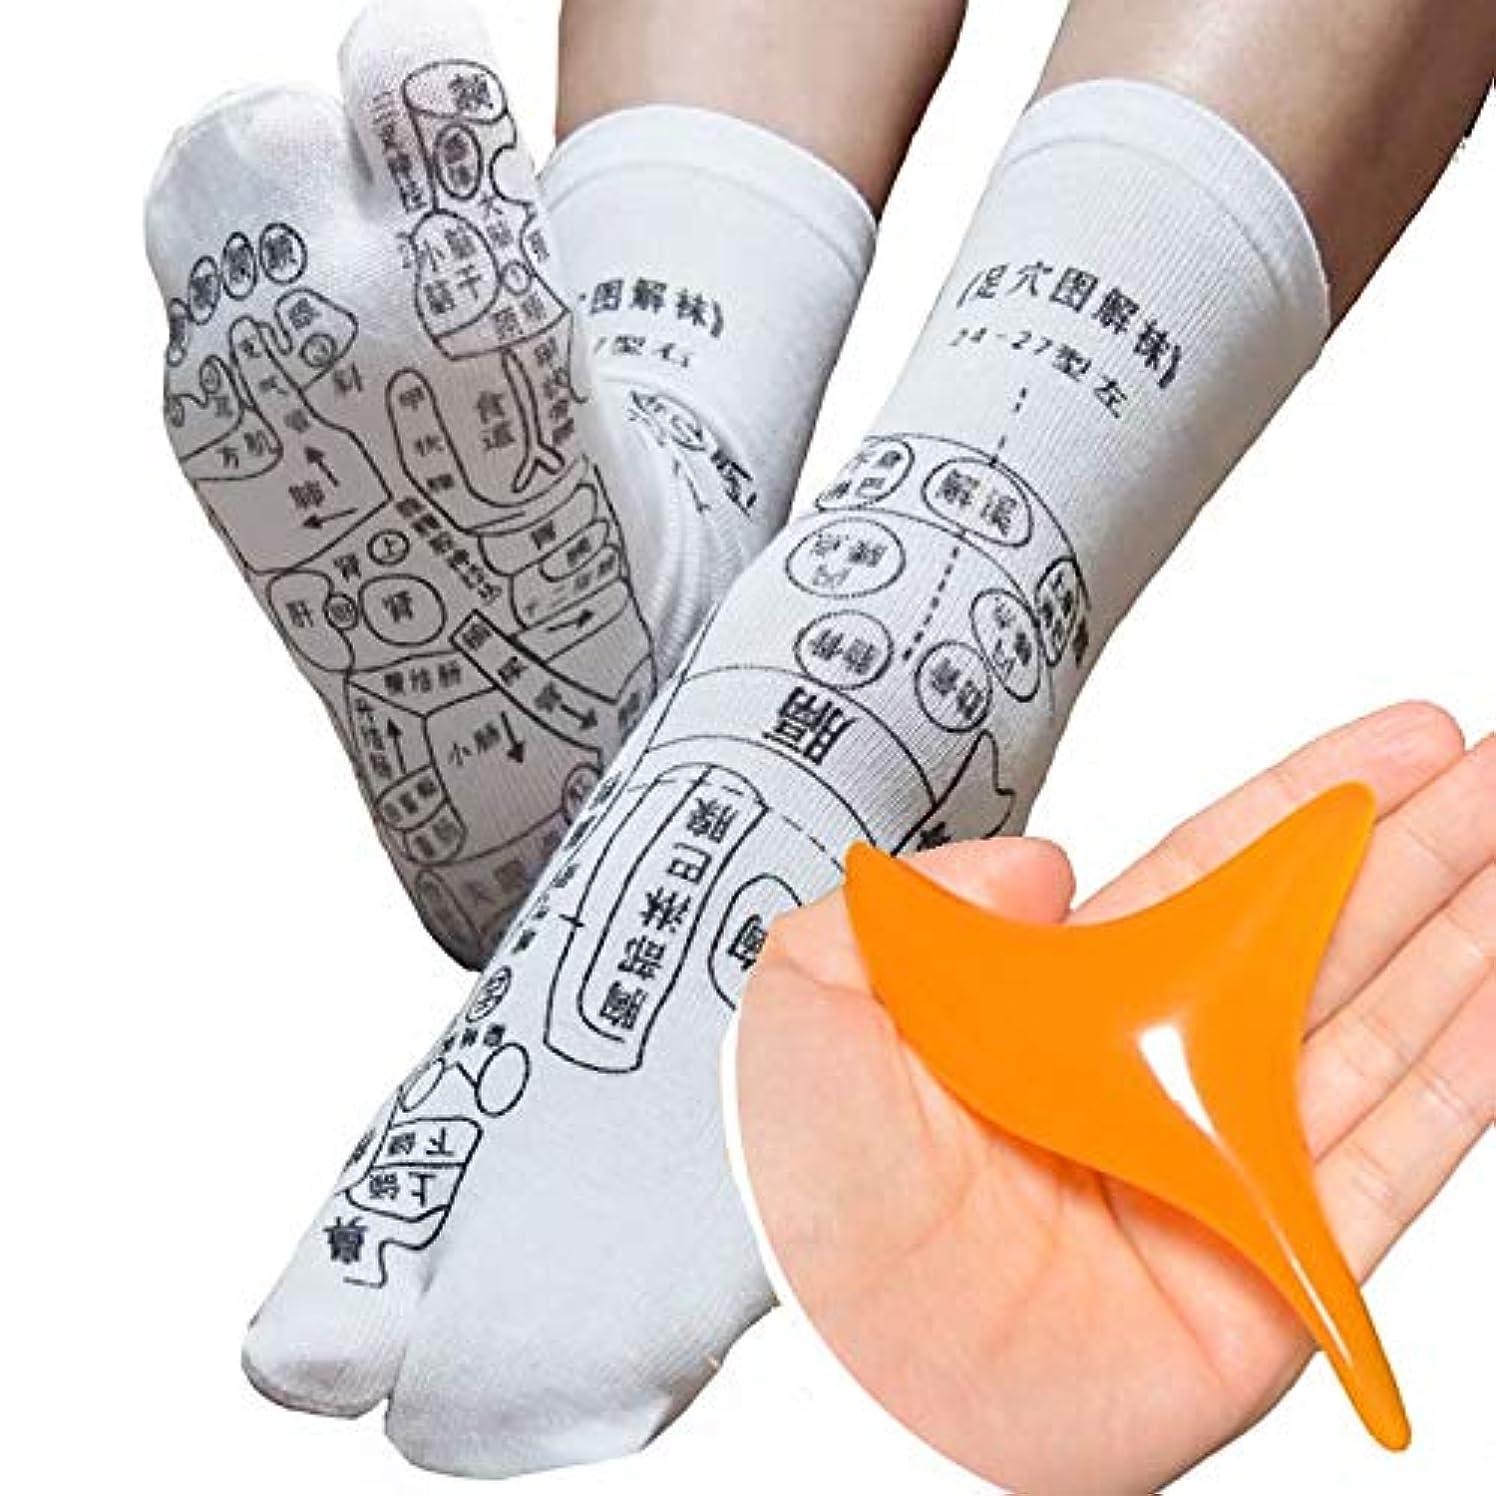 ましいハック人工的な足全体のツボが「見える」プリントソックス オカリナ型カッサ付き 足裏つぼおしソックス 足ツボ靴下 反射区 サイズ22~26センチ 靴下の字は中国語